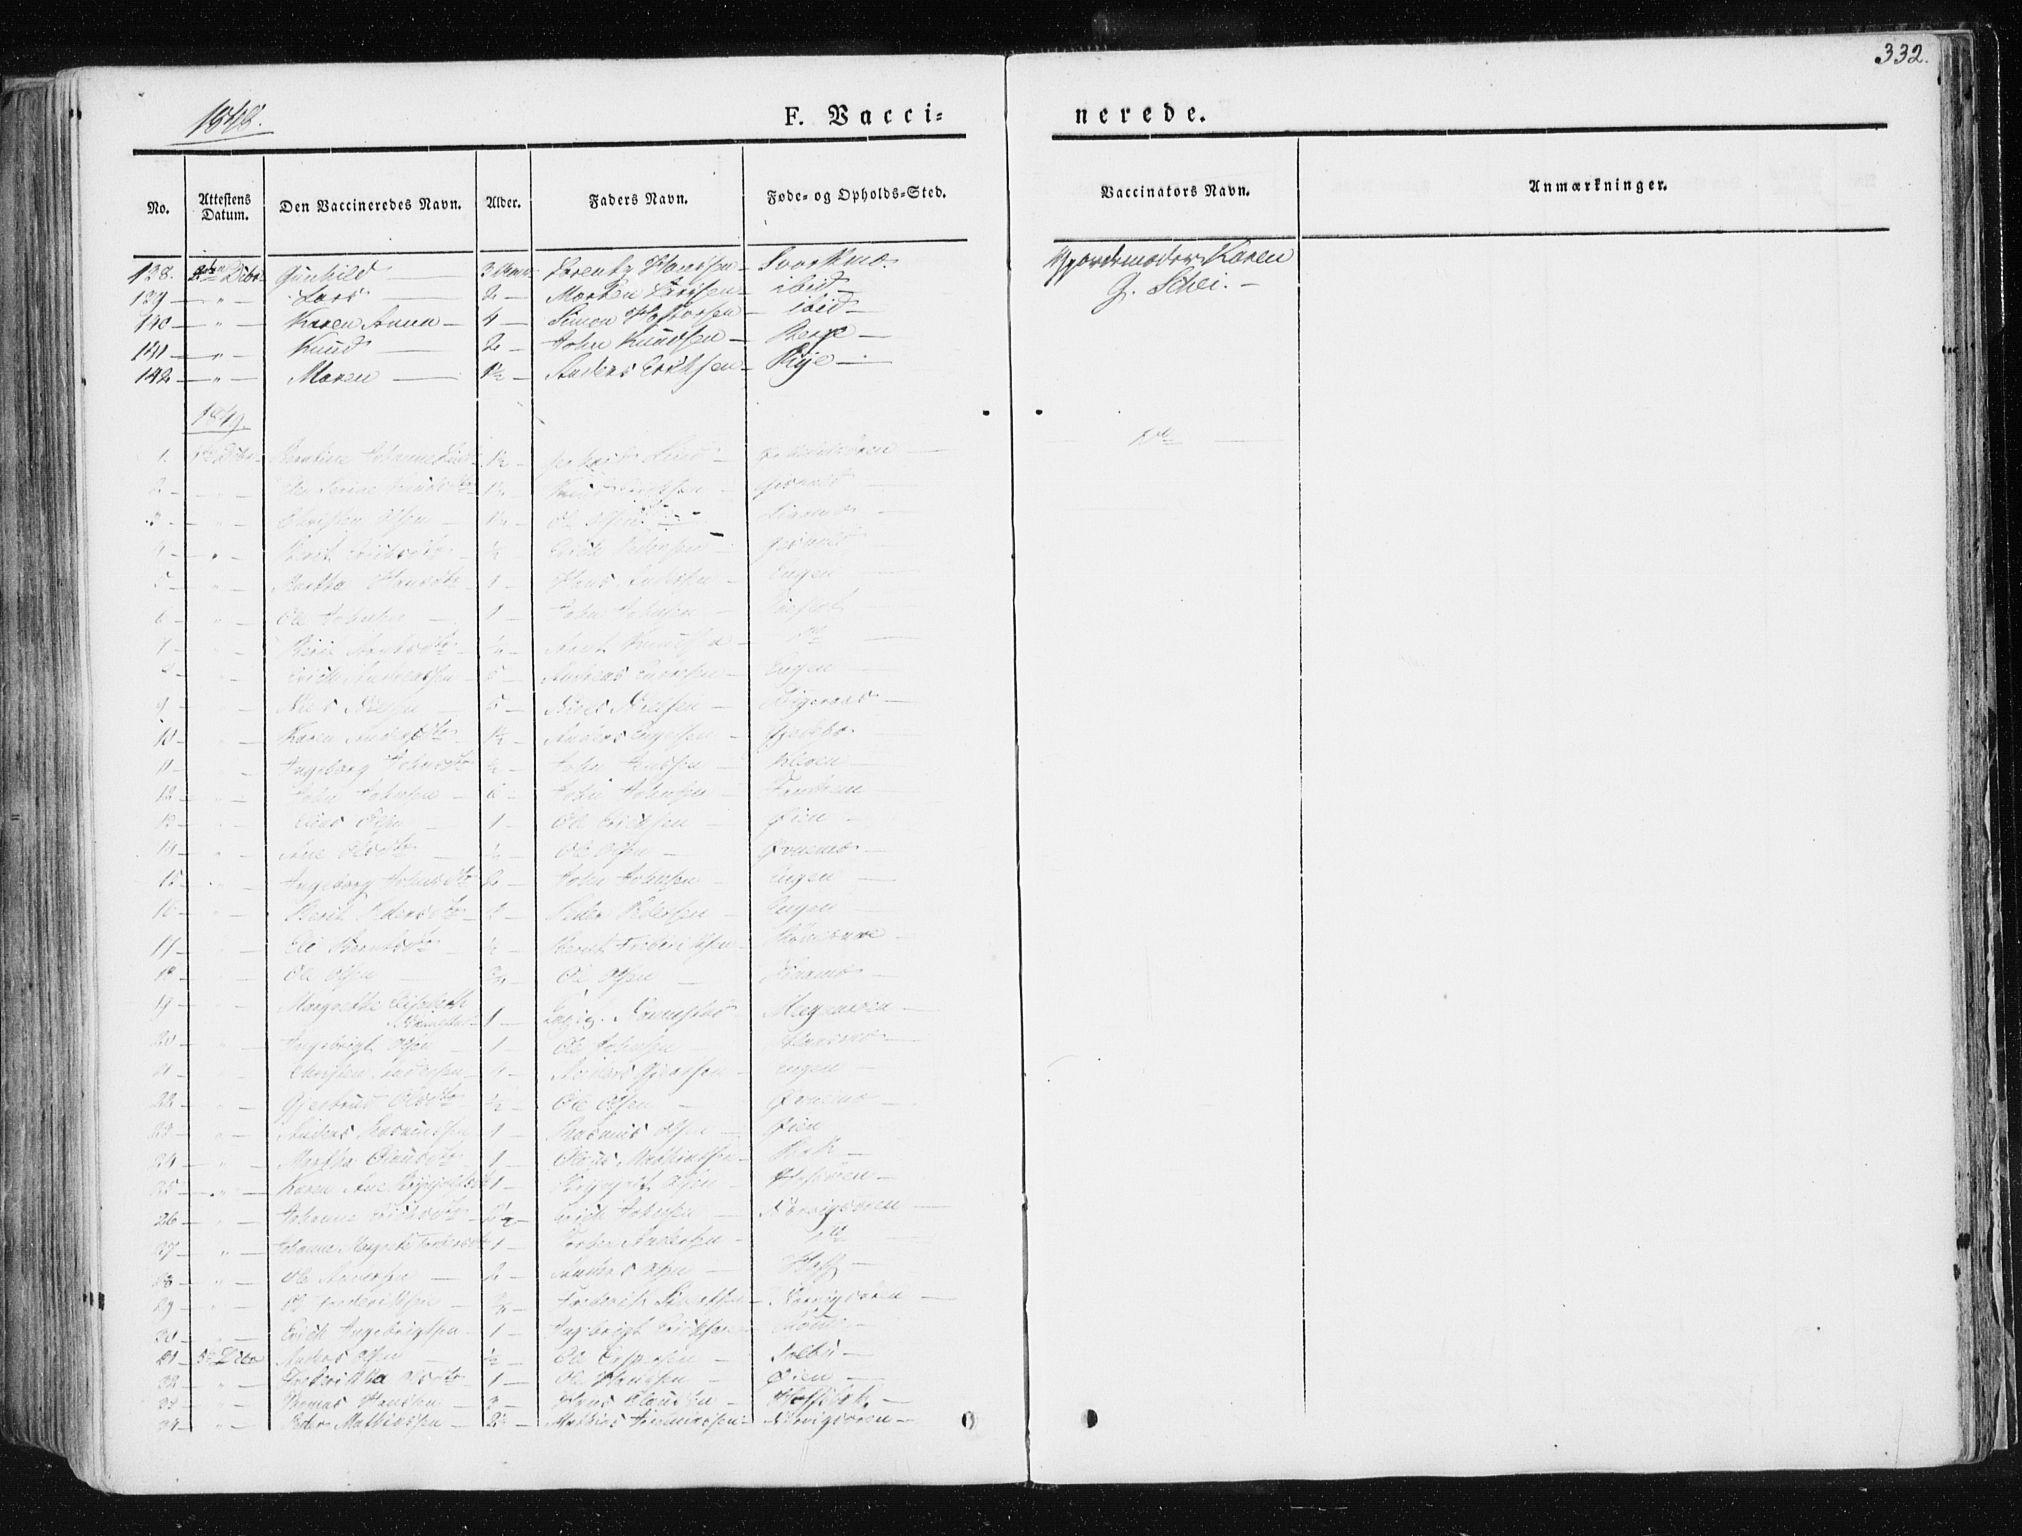 SAT, Ministerialprotokoller, klokkerbøker og fødselsregistre - Sør-Trøndelag, 668/L0805: Ministerialbok nr. 668A05, 1840-1853, s. 332